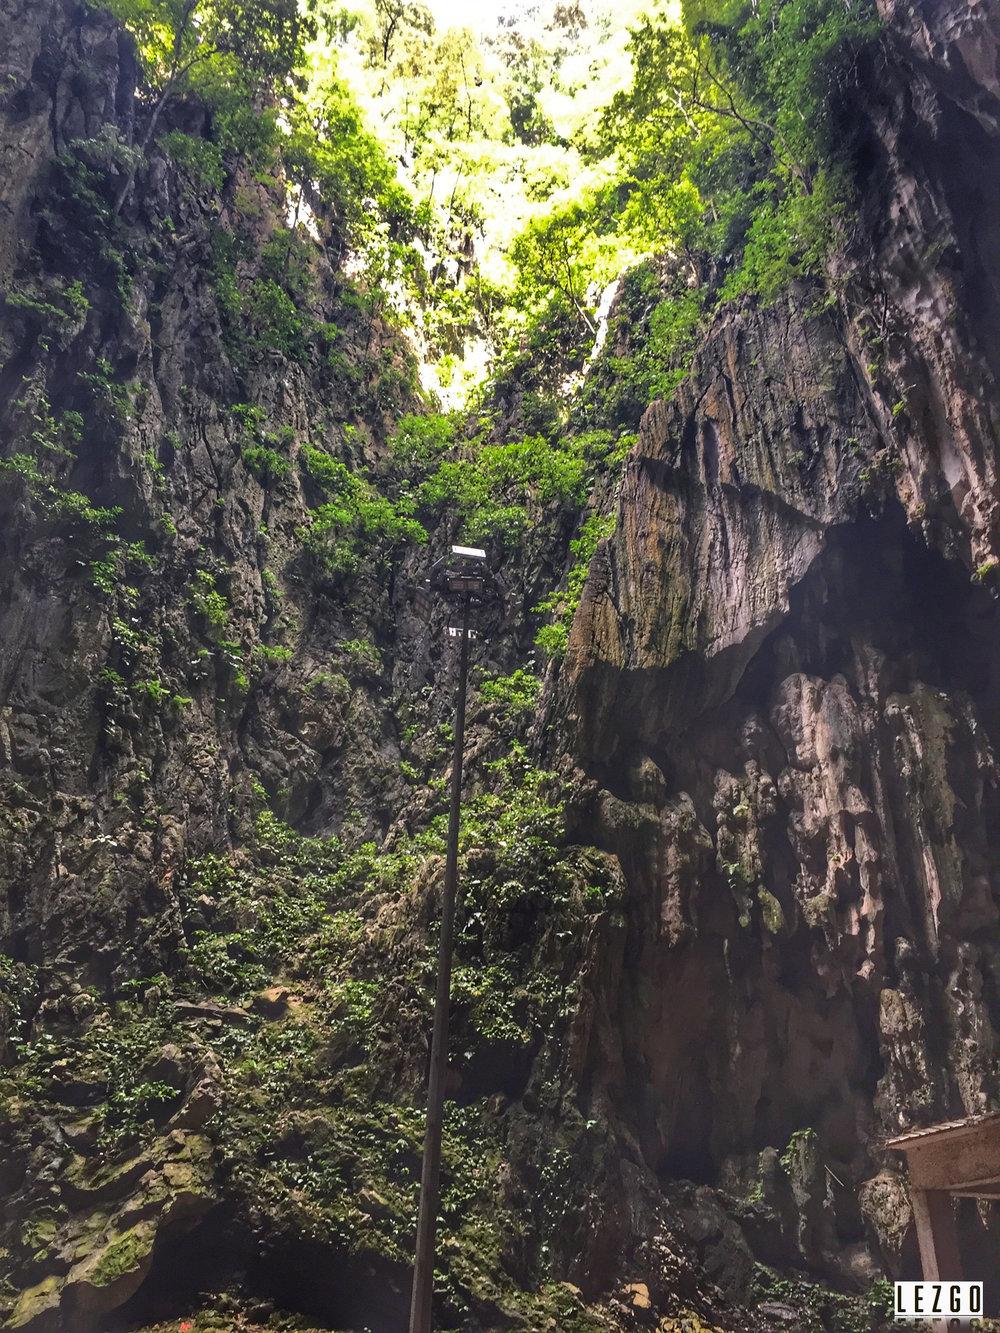 Batu Caves, Kuala Lumpur, Malaysia June 2017